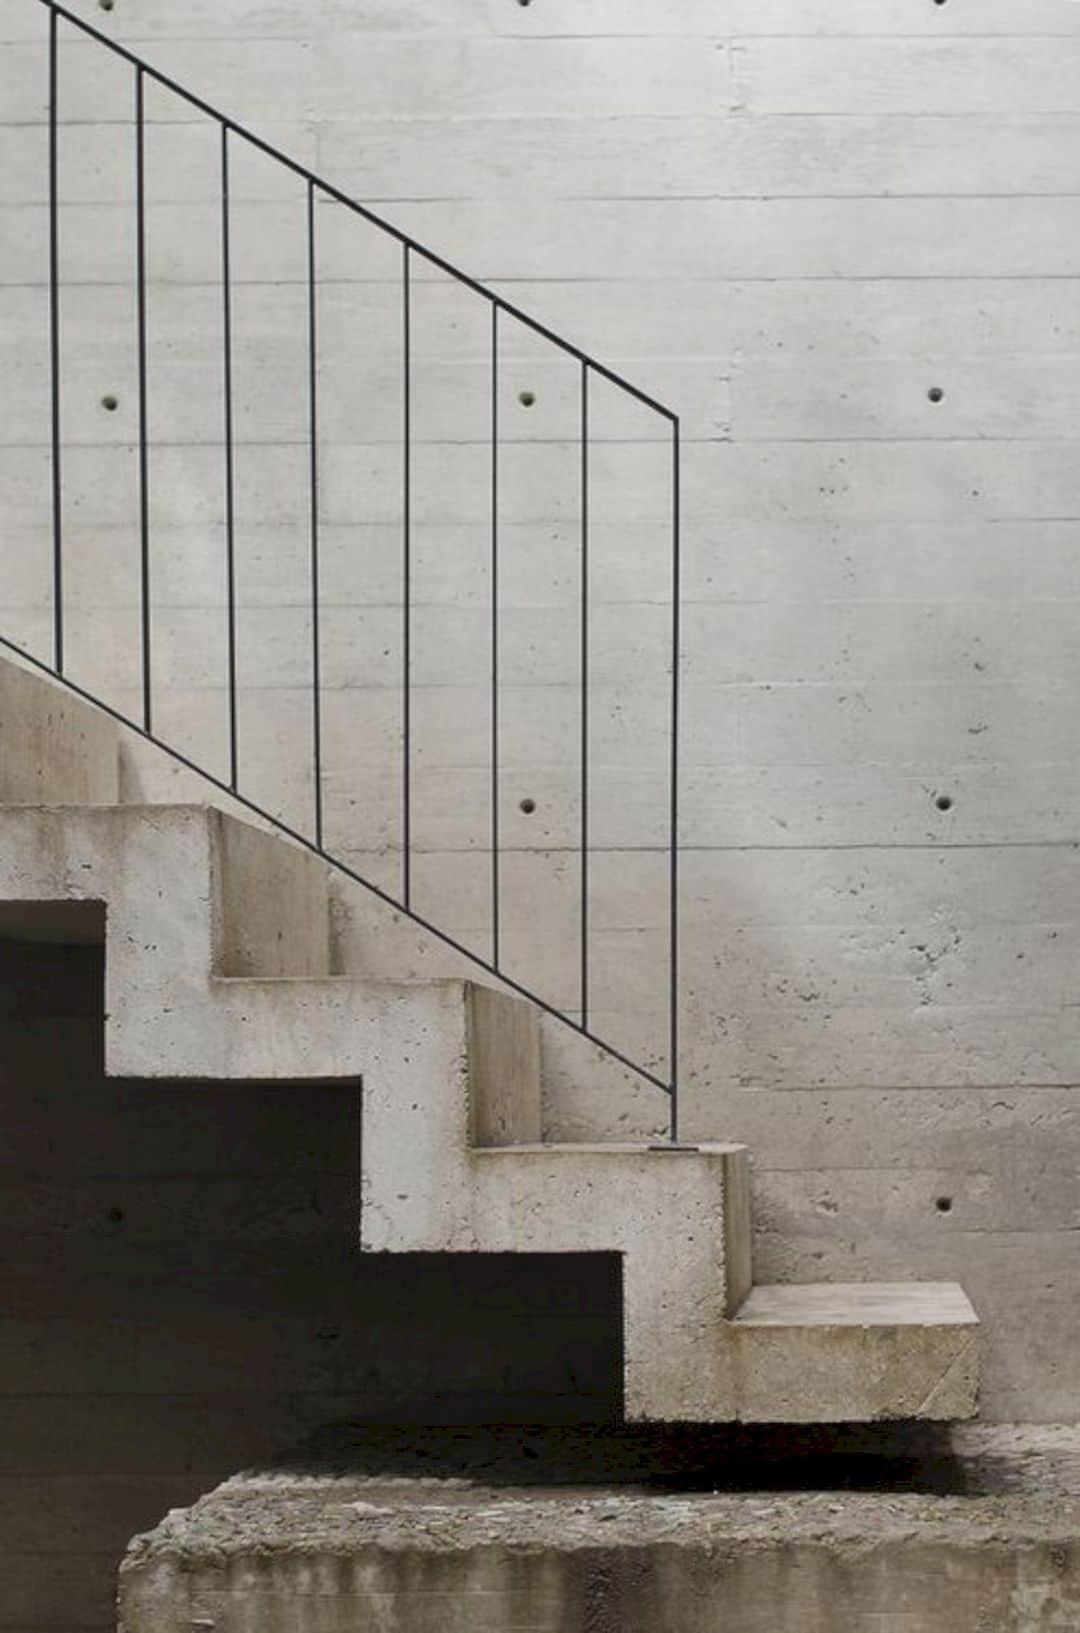 бетонная лестница с железными перилами